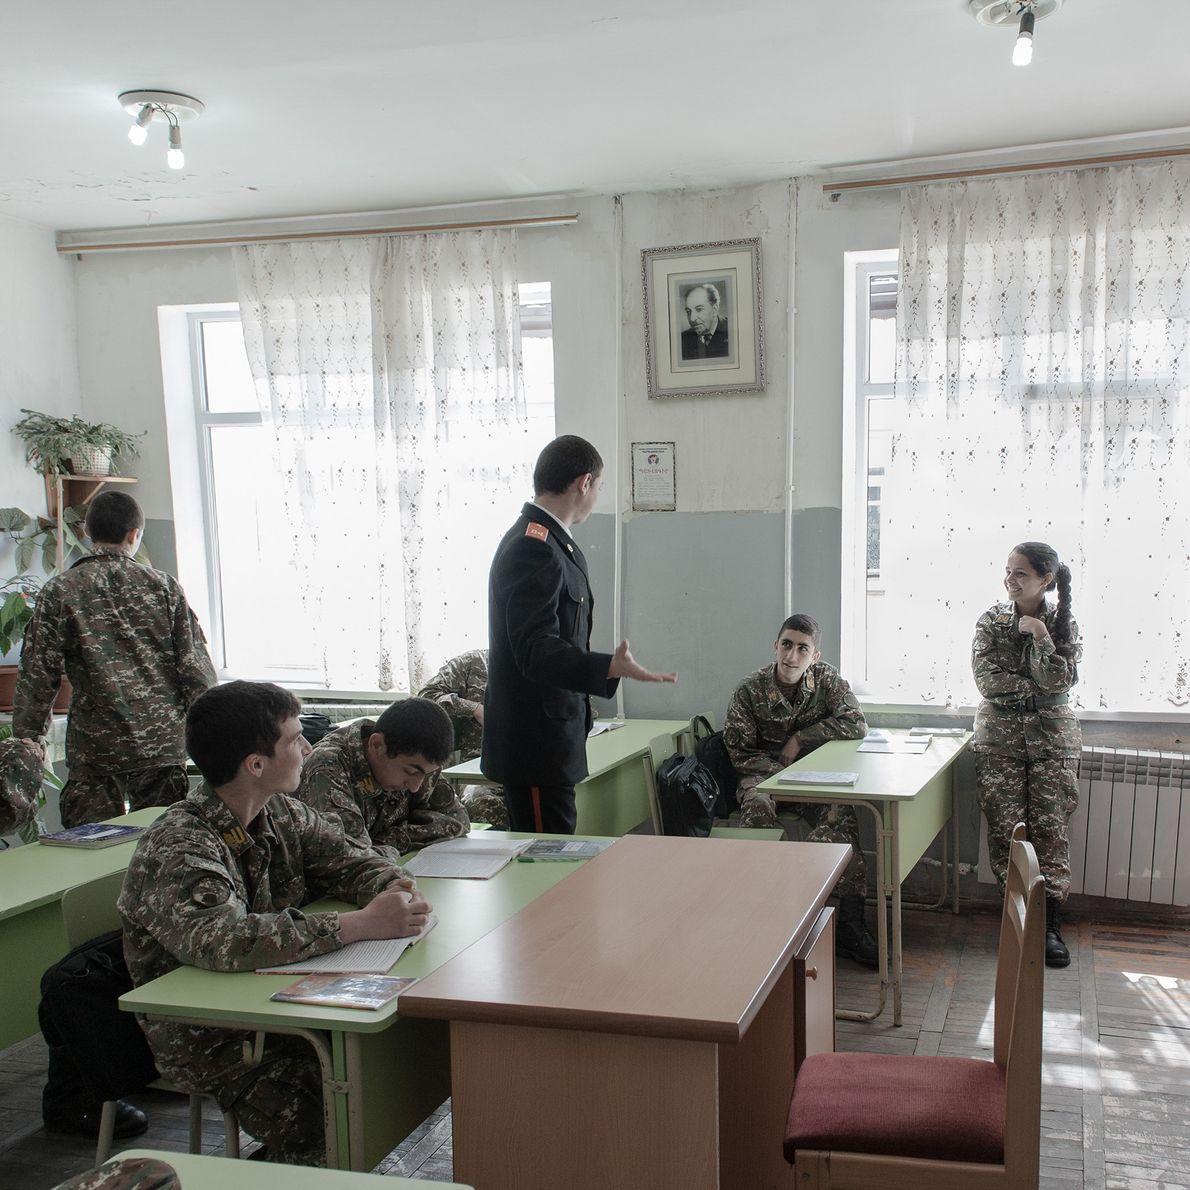 Les jeunes gens font une pause pendant un cours dans l'académie militaire. Ici, les soldats étudient ...